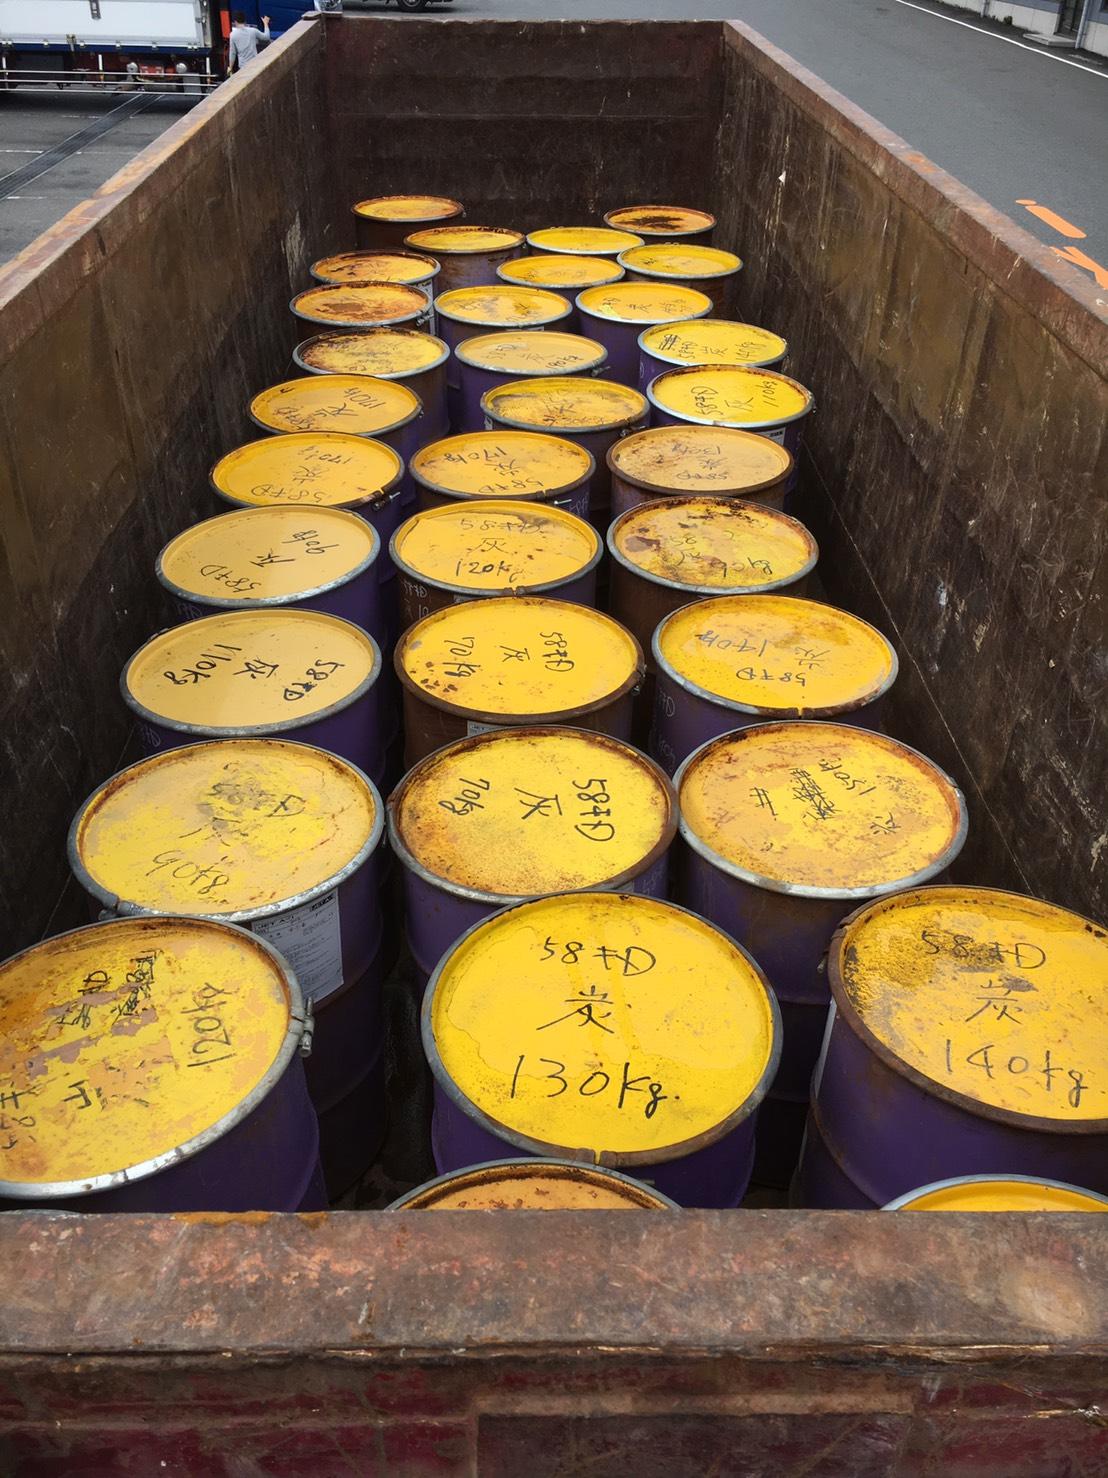 【燃え殻の収集】南極観測船しらせの廃棄物収集を東京都大田区にて行った事例を紹介します。